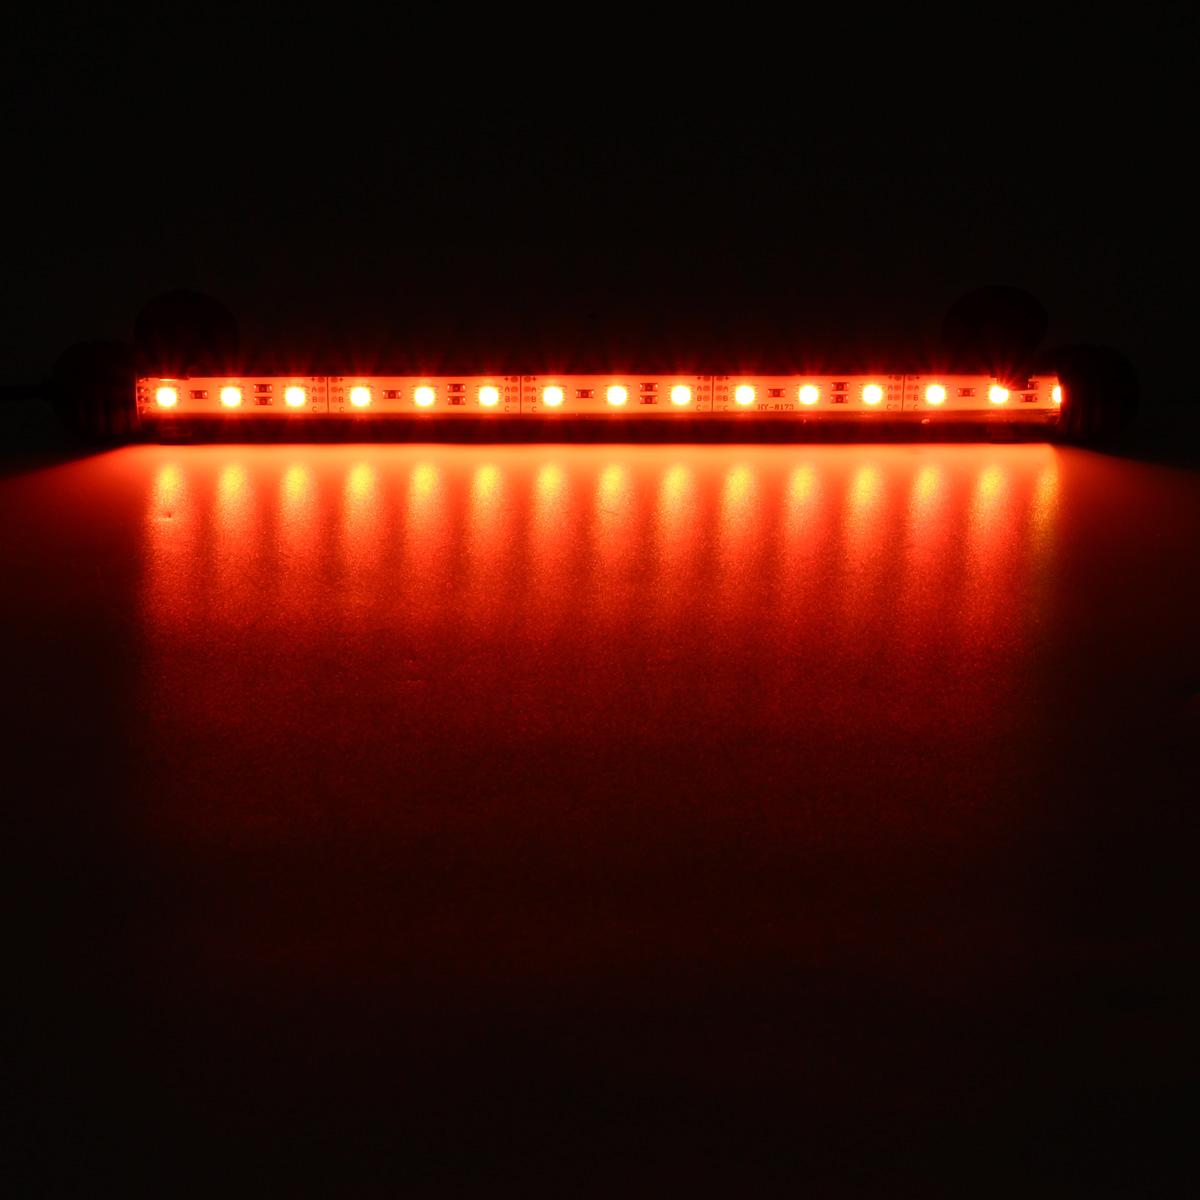 28cm rgb led fish tank light aquarium light alex nld for Led fish tank light